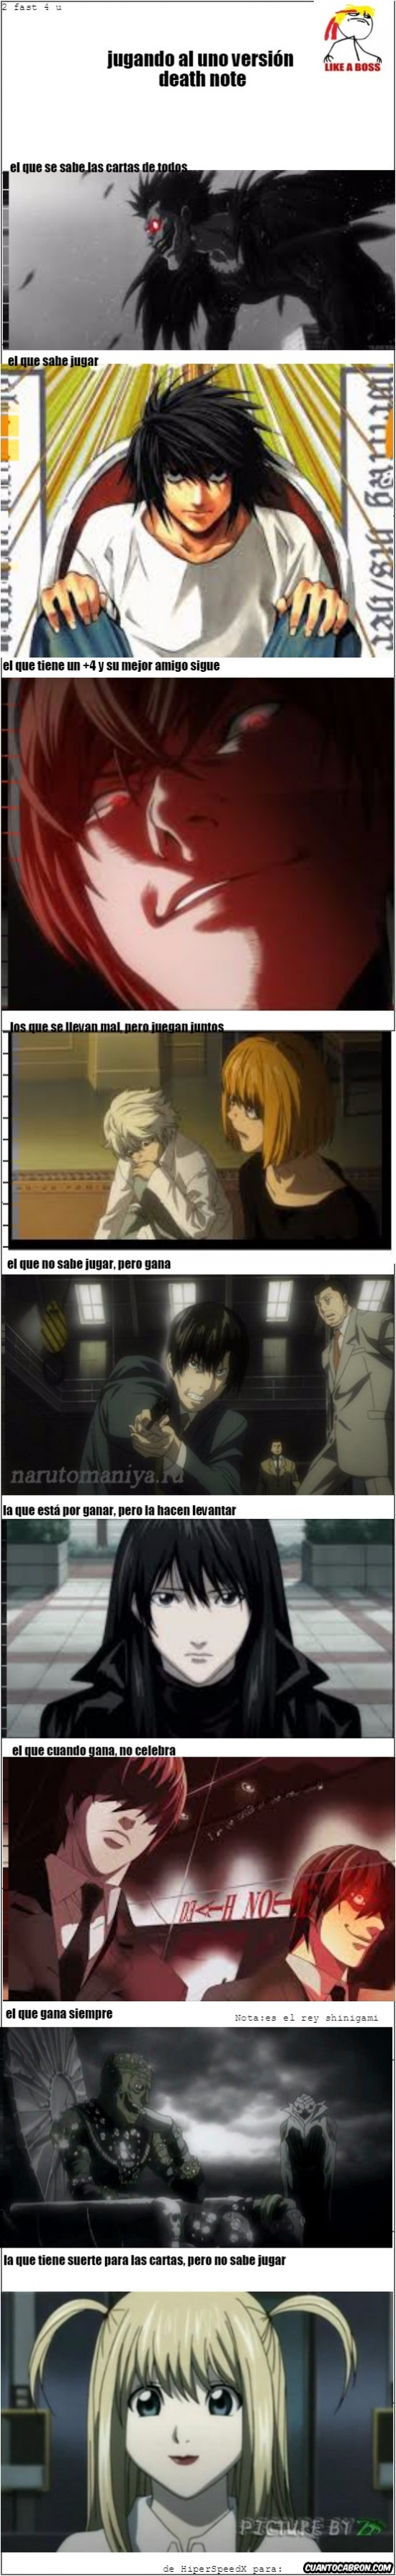 Otros - Los personajes de Death Note jugando al UNO